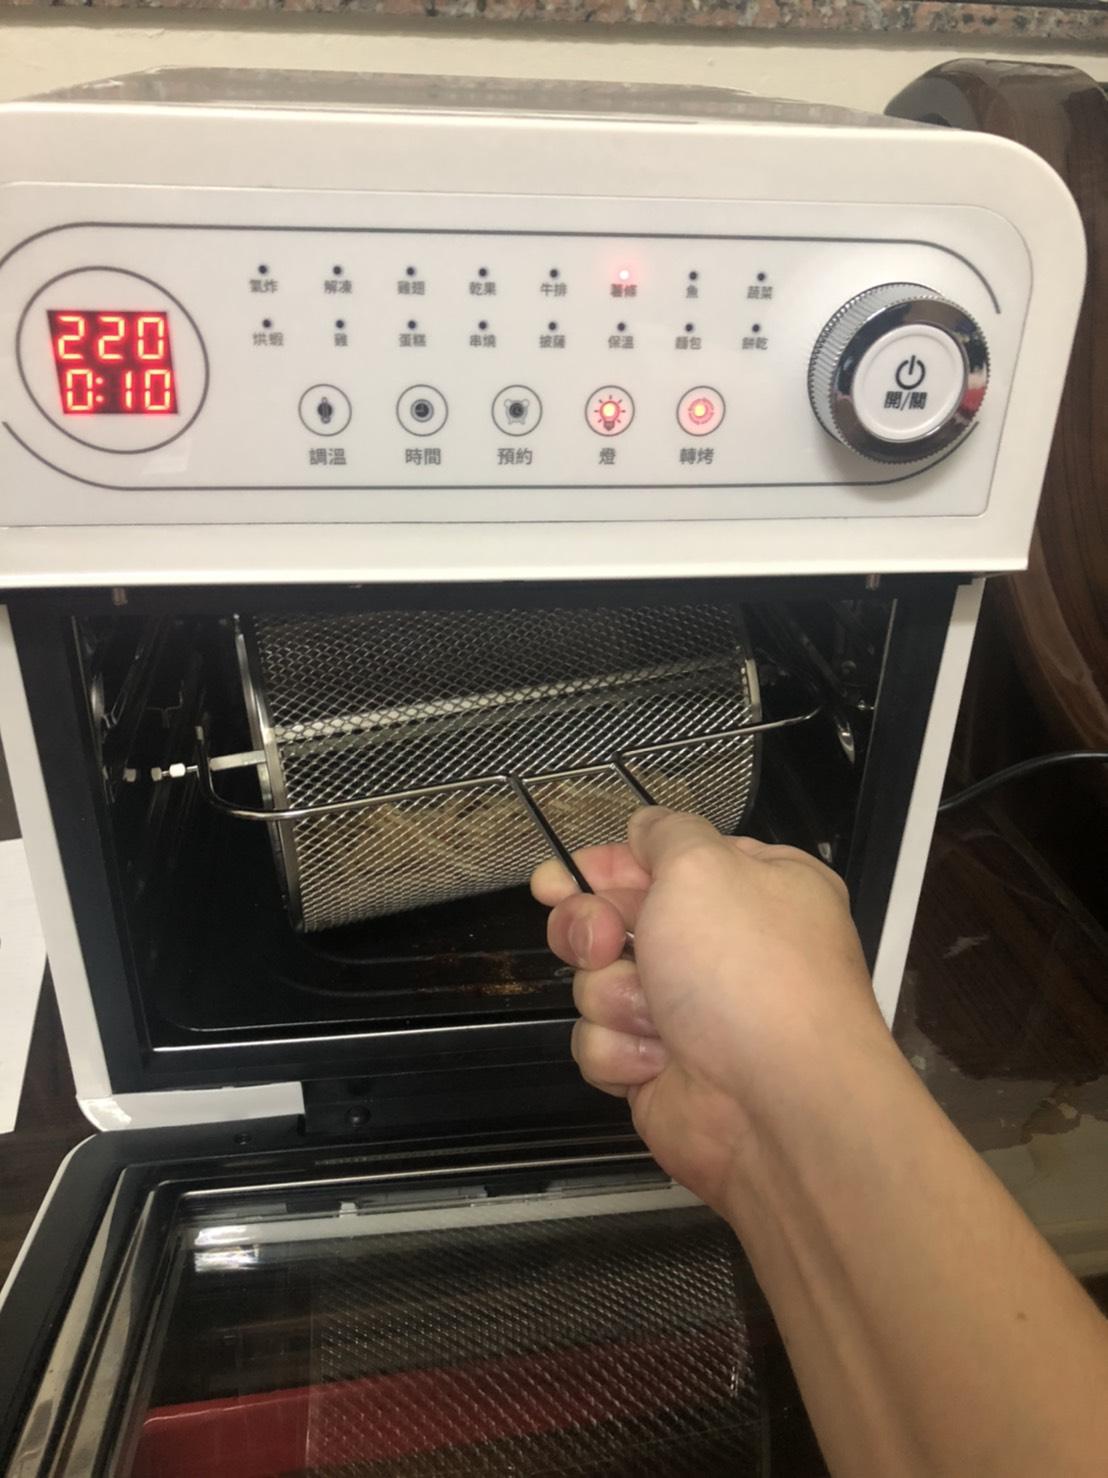 氣炸鍋料理實測 薯條